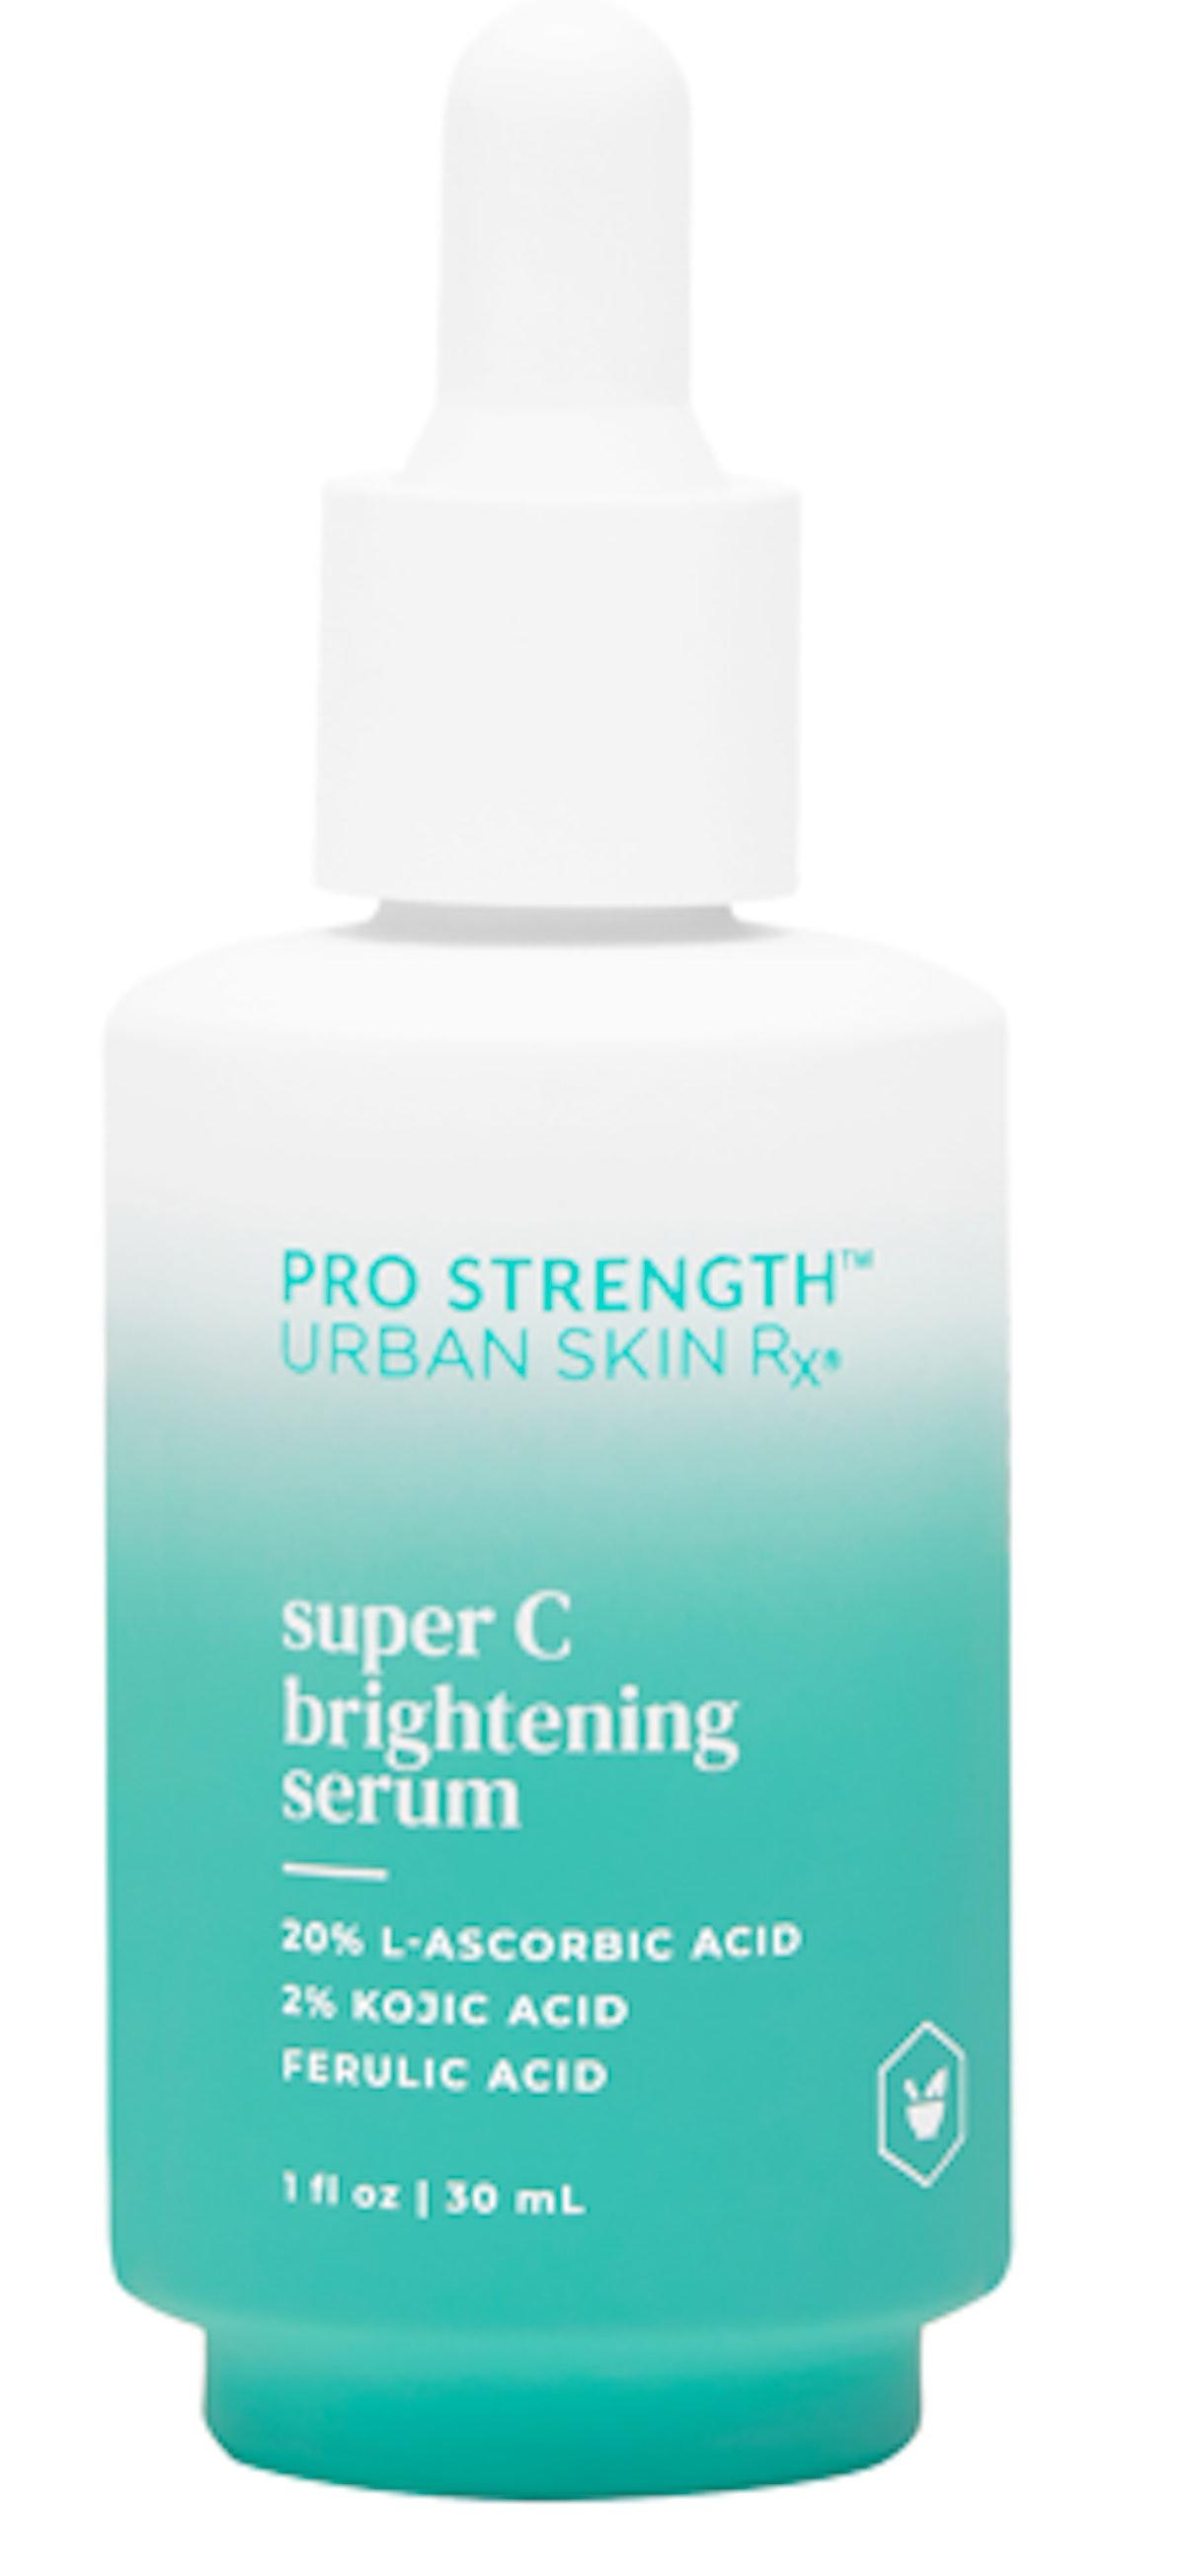 Super C Brightening Serum